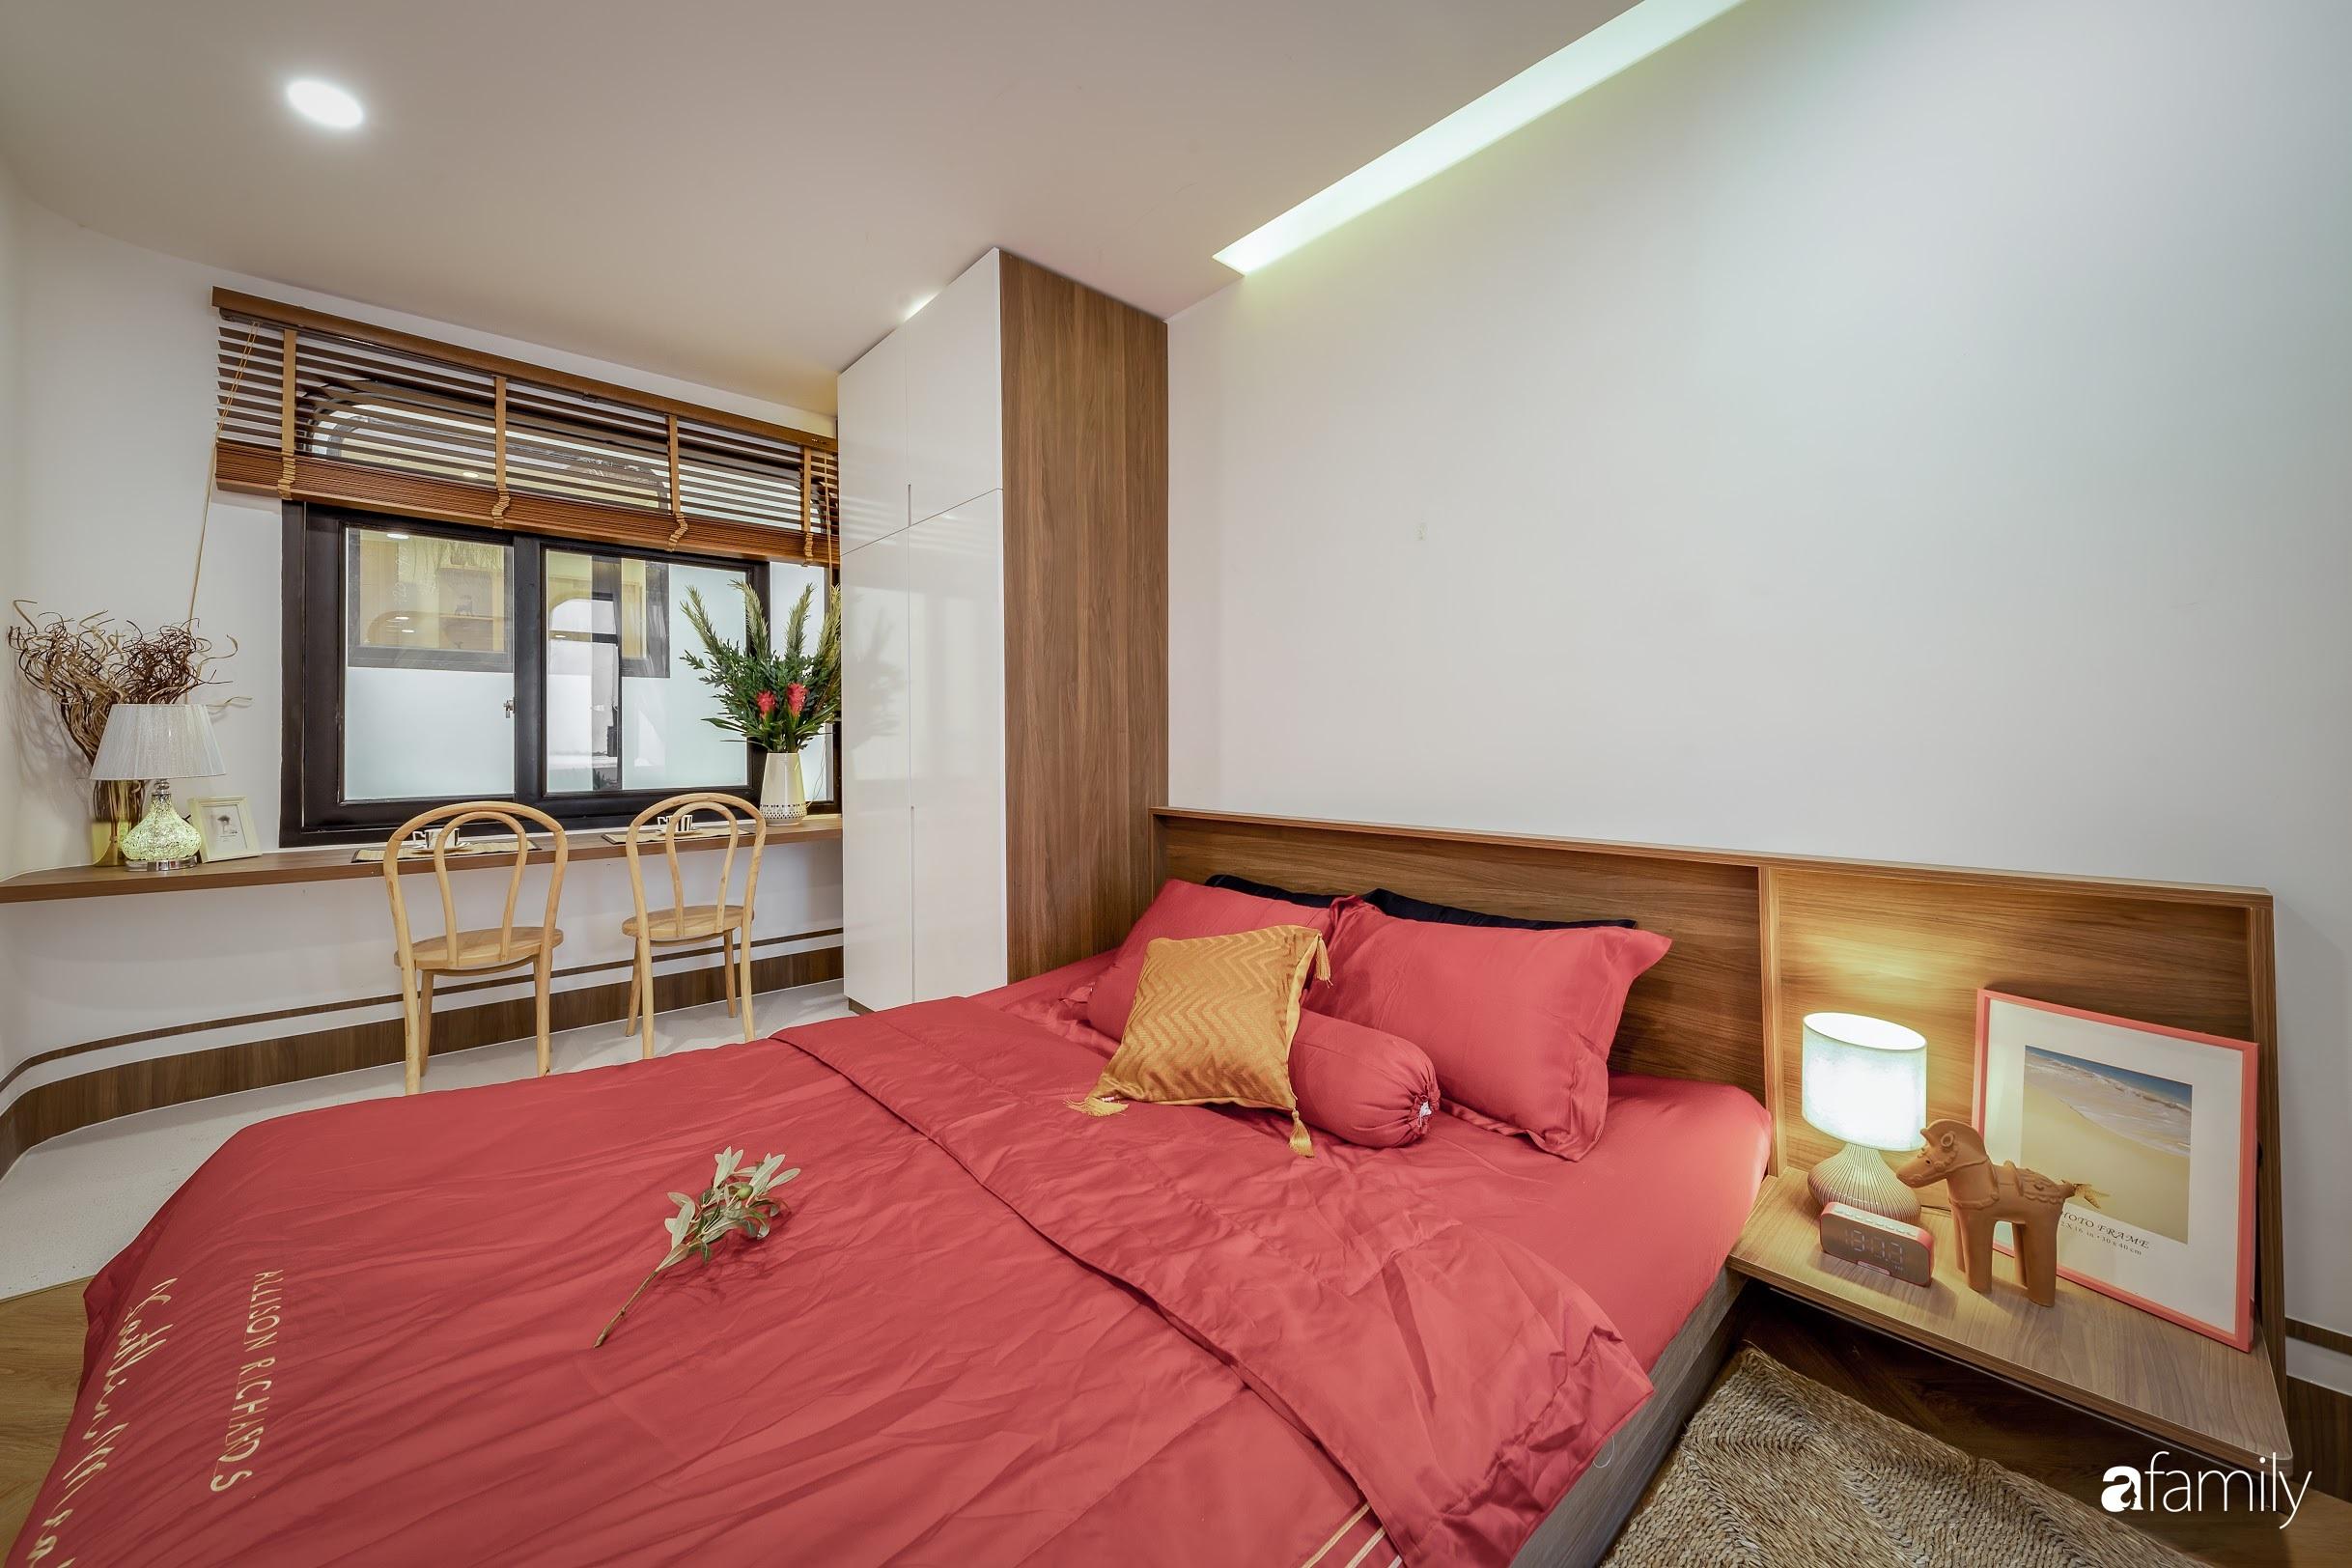 Nhà phố Tiền Giang đẹp hài hòa với thiết kế hiện đại, bố trí nội thất thông minh với chi phí 1,8 tỉ đồng - Ảnh 9.